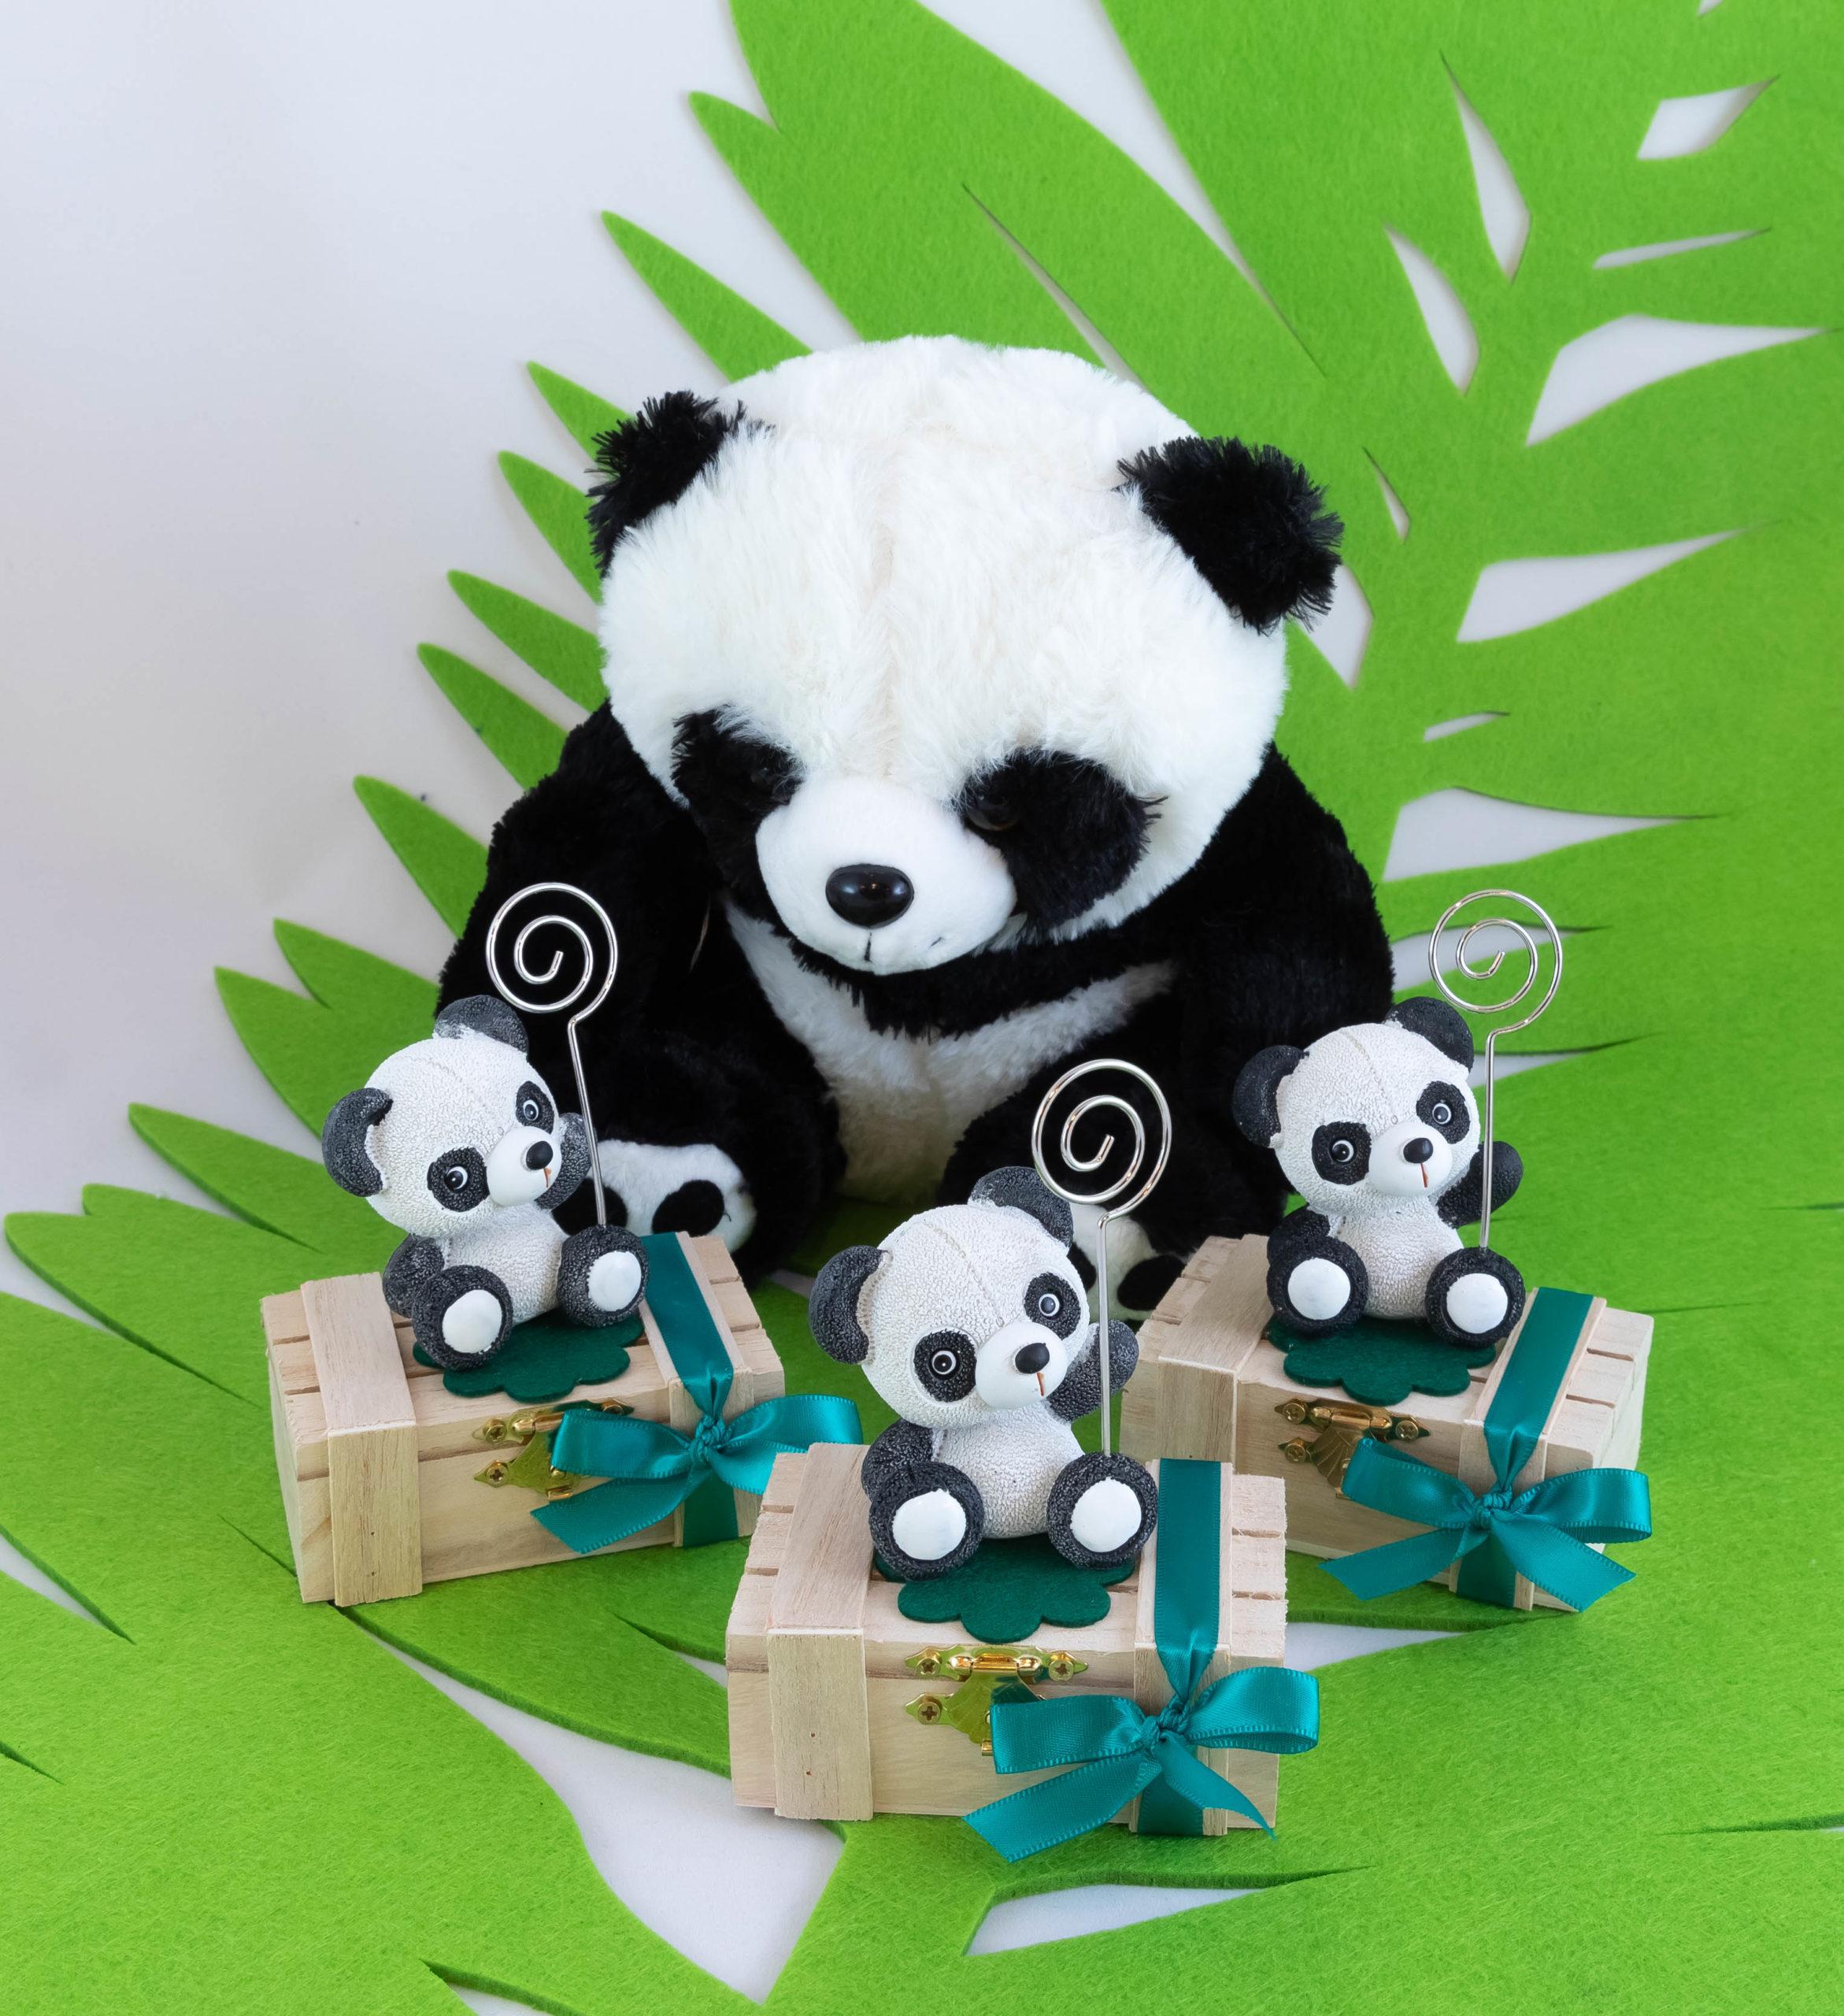 Boite bois - Panda Image